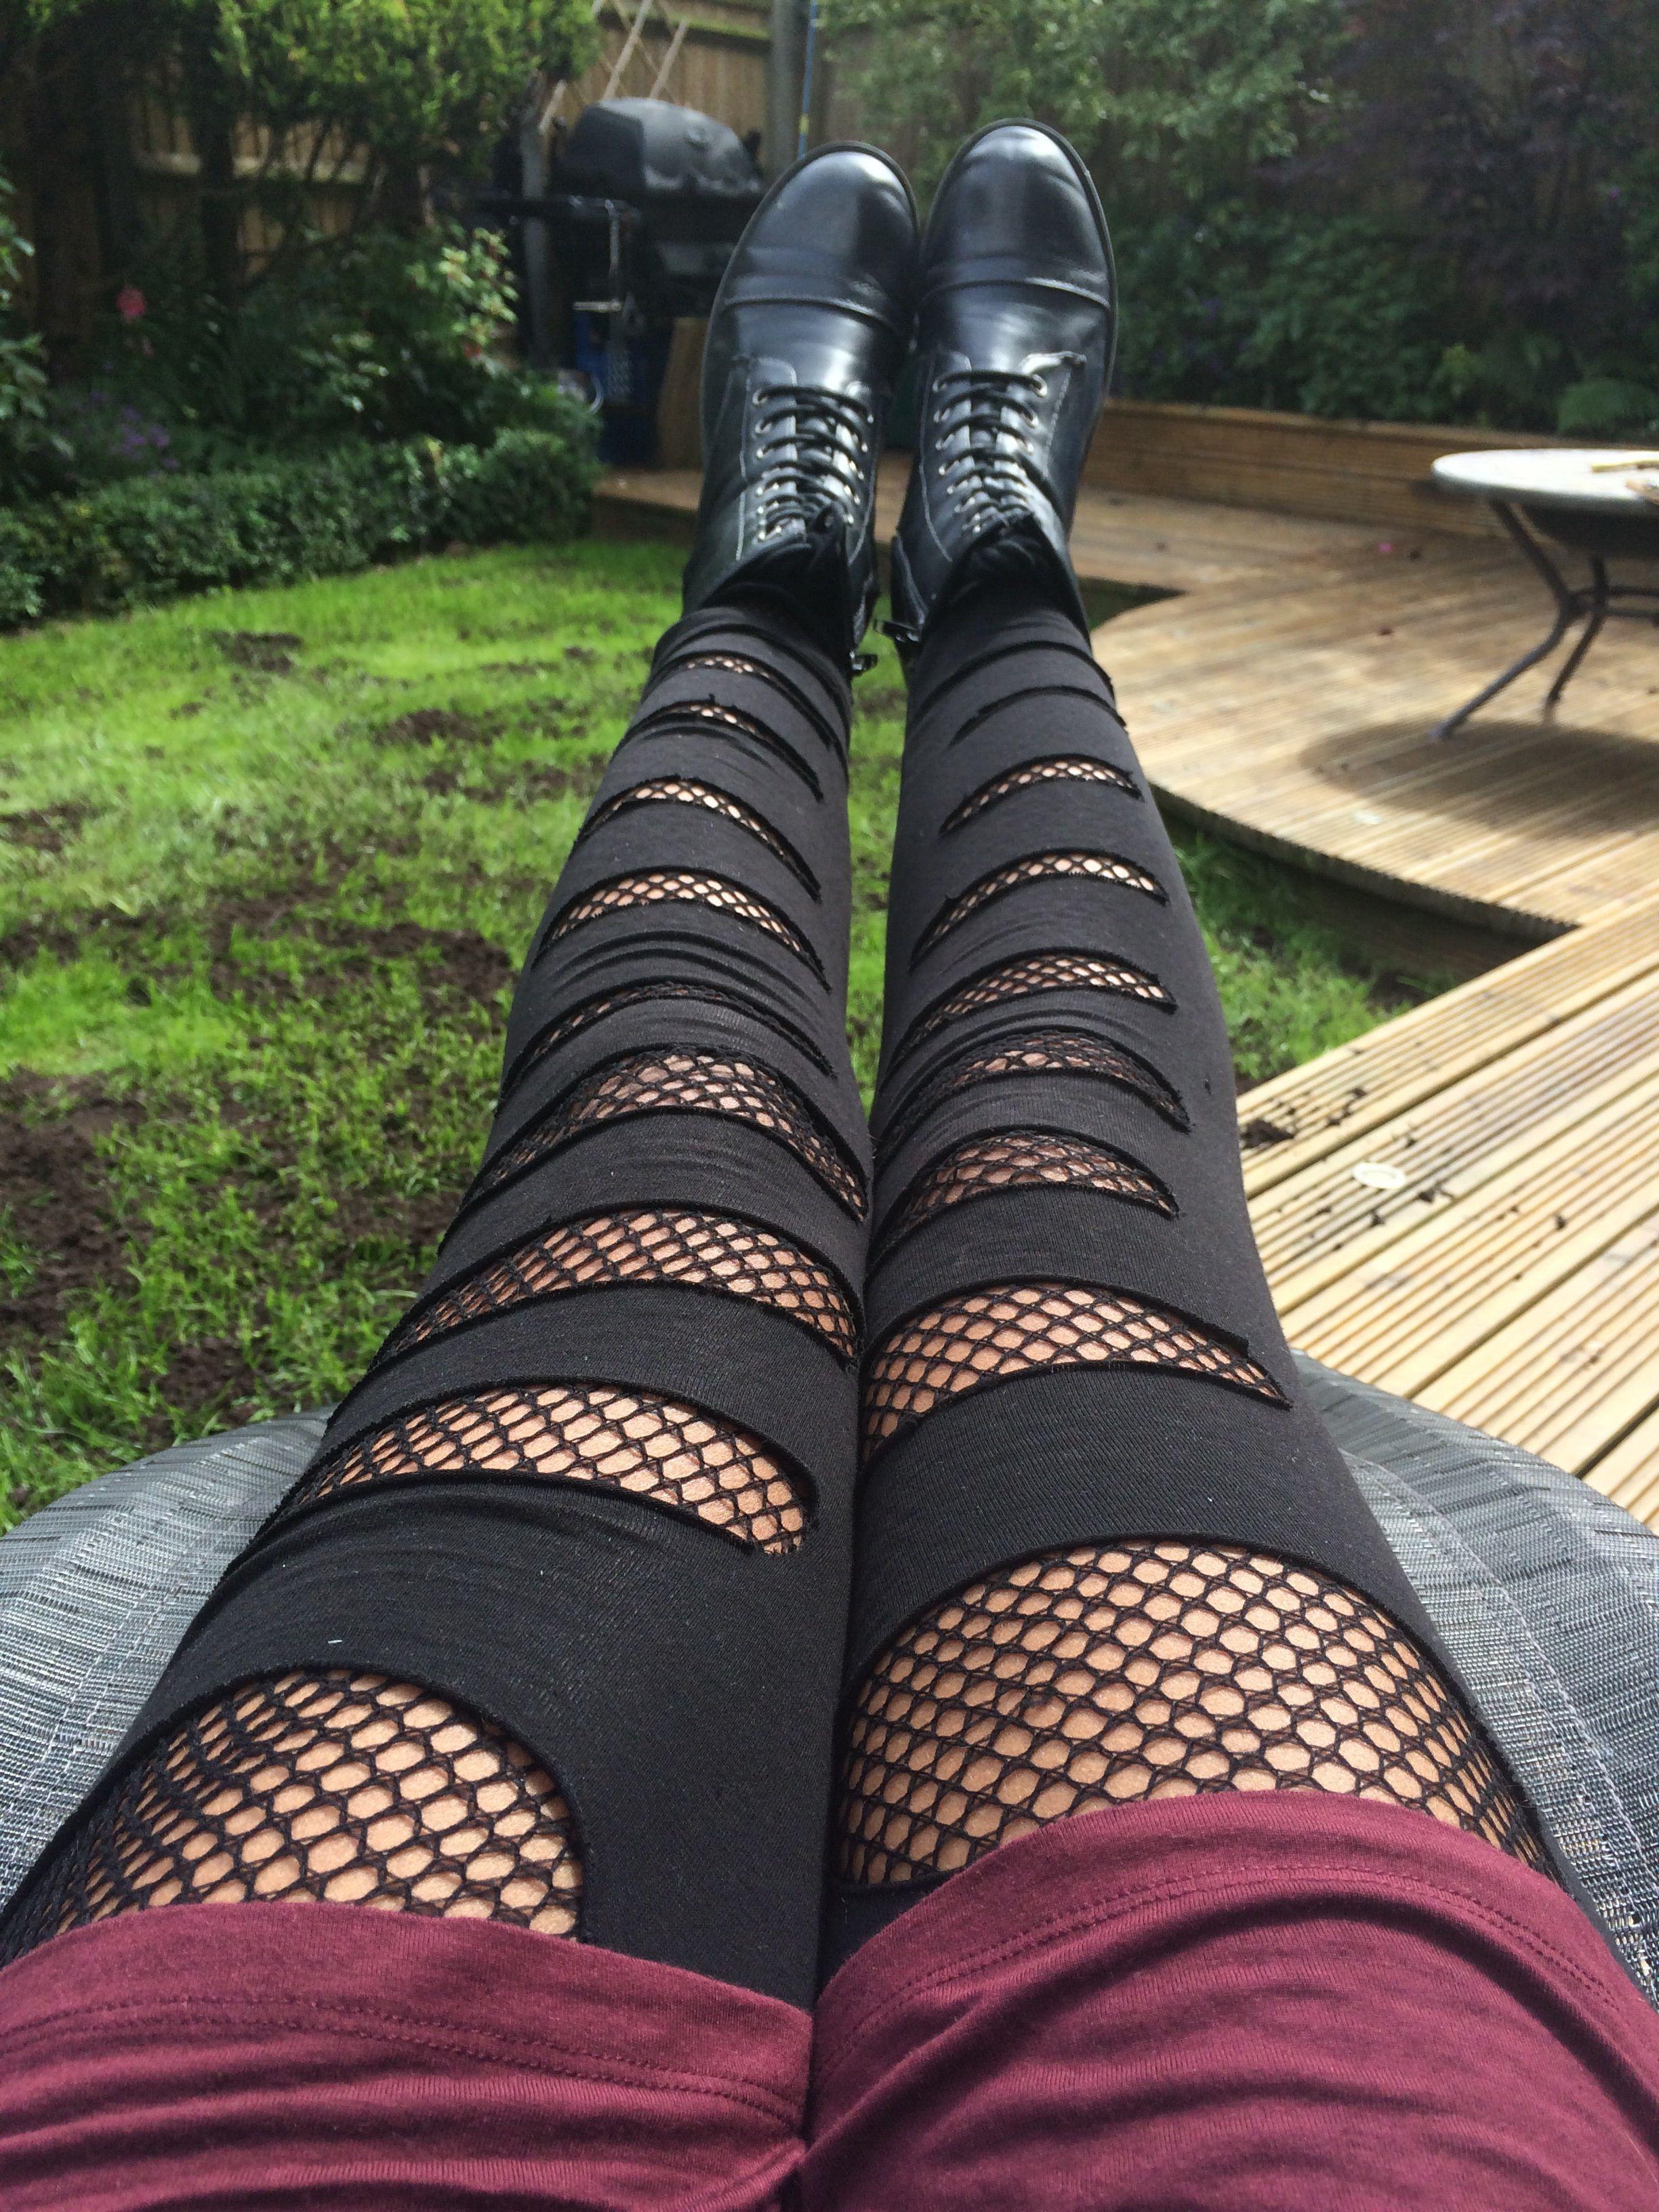 1de76543f3bb0 DIY Fishnet tights, underneath ripped black leggings Punk / rocker / emo /  grunge / Goth By Yogo Mogo on Pinterest